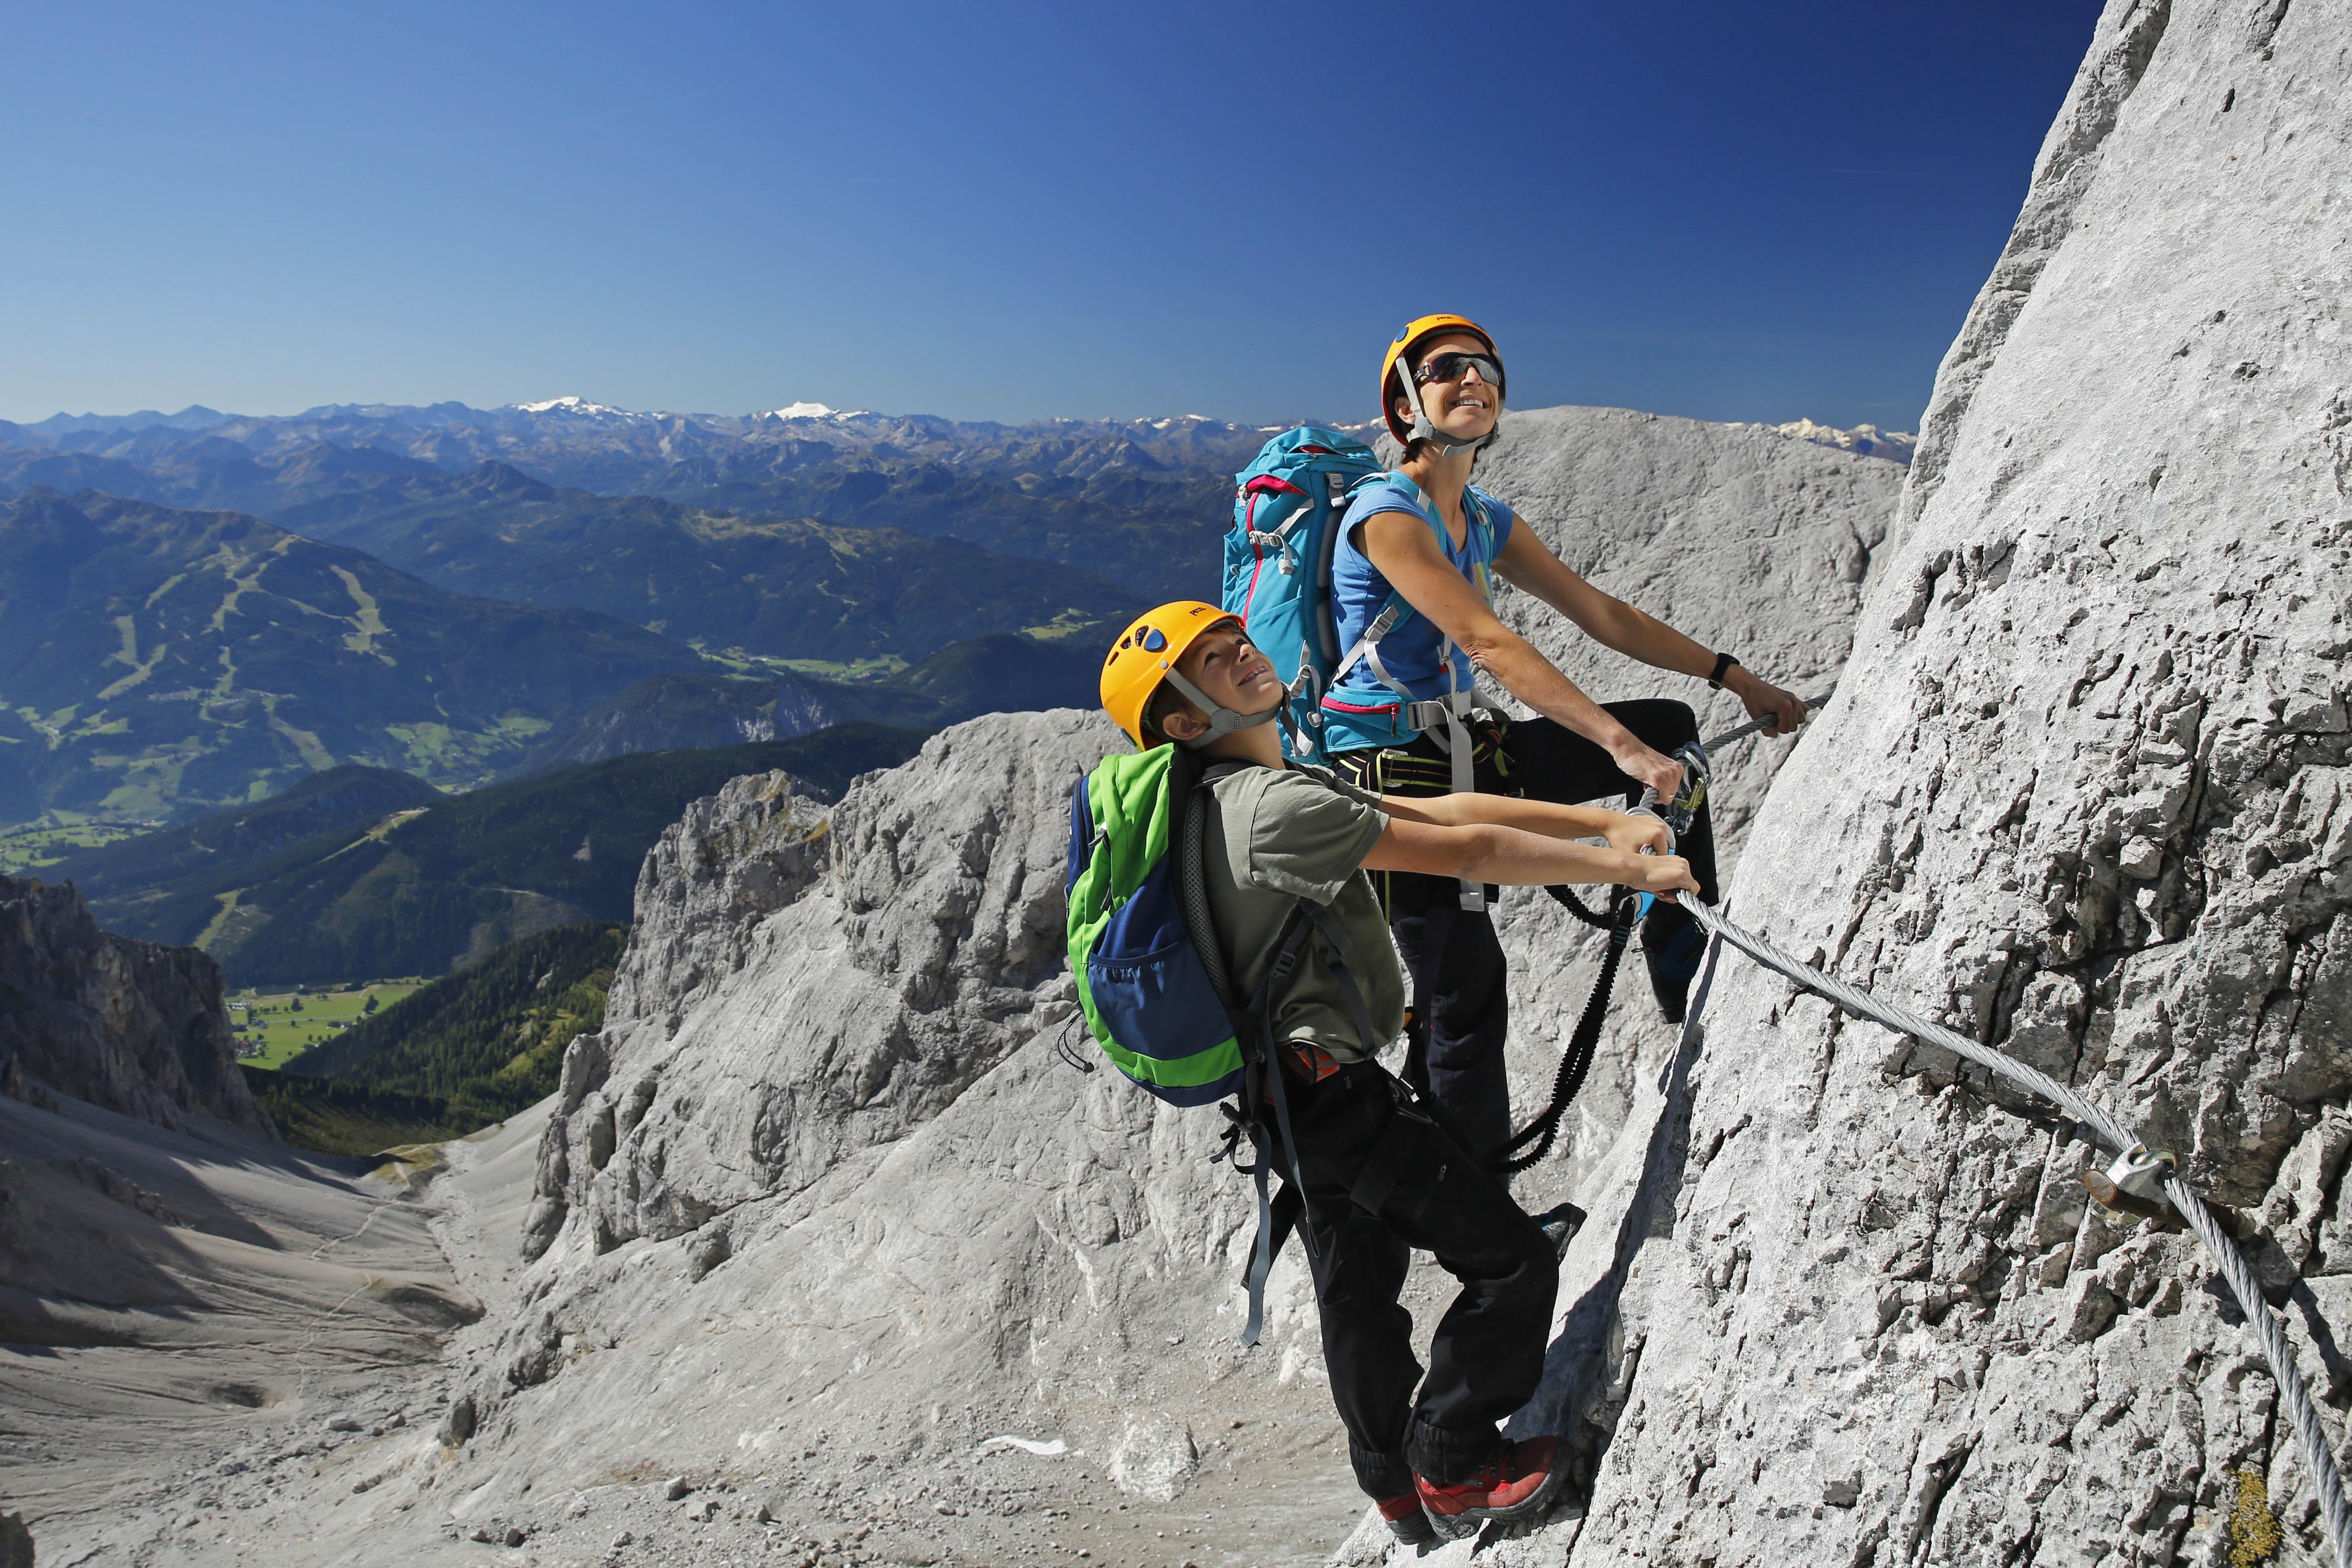 Klettersteig Ramsau : Ramsauer klettersteig der versicherte klettersteiu flickr